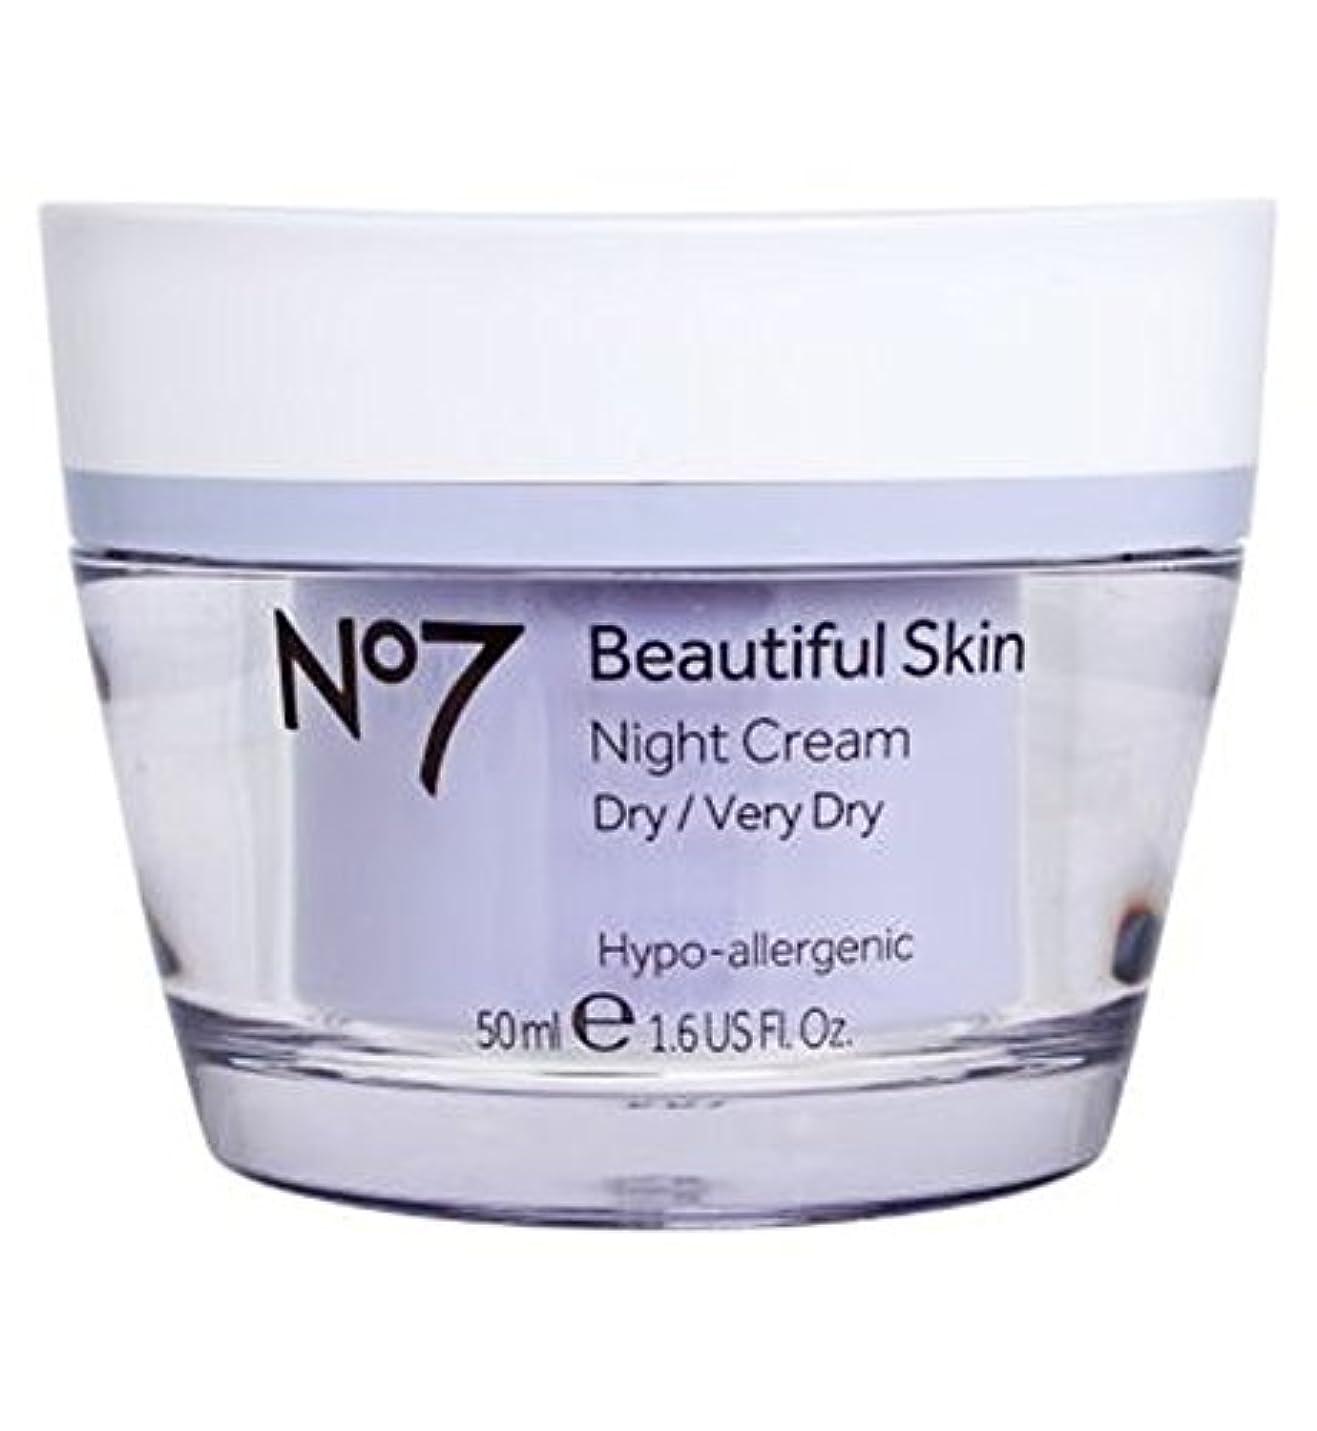 環境保護主義者面白いインフレーションNo7 Beautiful Skin Night Cream for Dry / Very Dry 50ml - ドライ/非常に乾燥した50ミリリットルのためNo7美肌ナイトクリーム (No7) [並行輸入品]